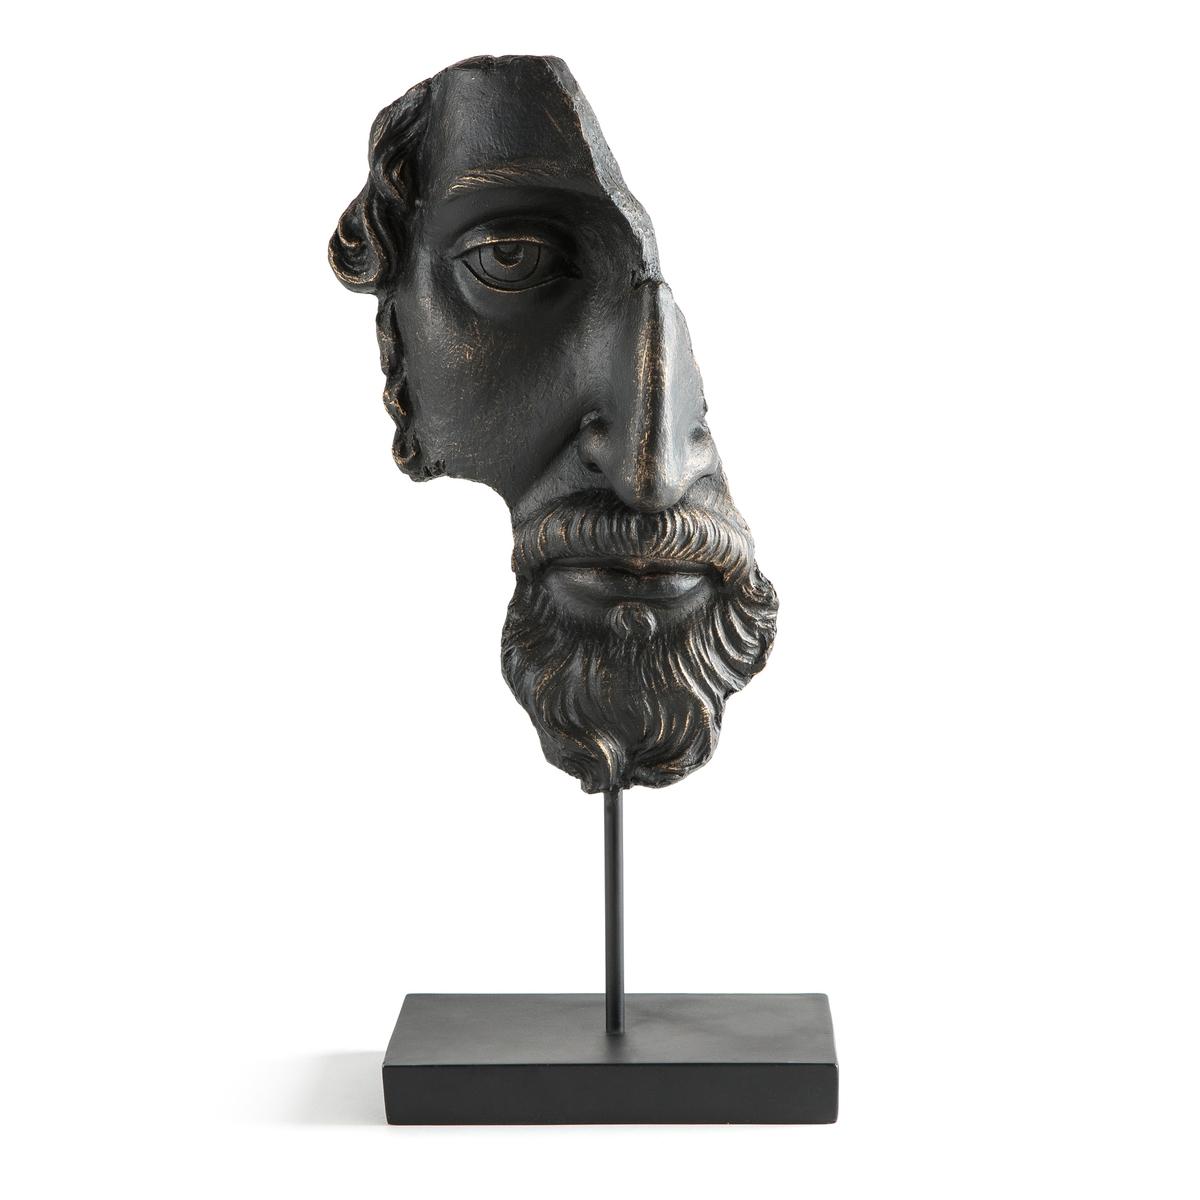 Статуэтка La Redoute В форме лица из пластика Waraji единый размер черный статуэтка la redoute в форме лица из пластика waraji единый размер черный